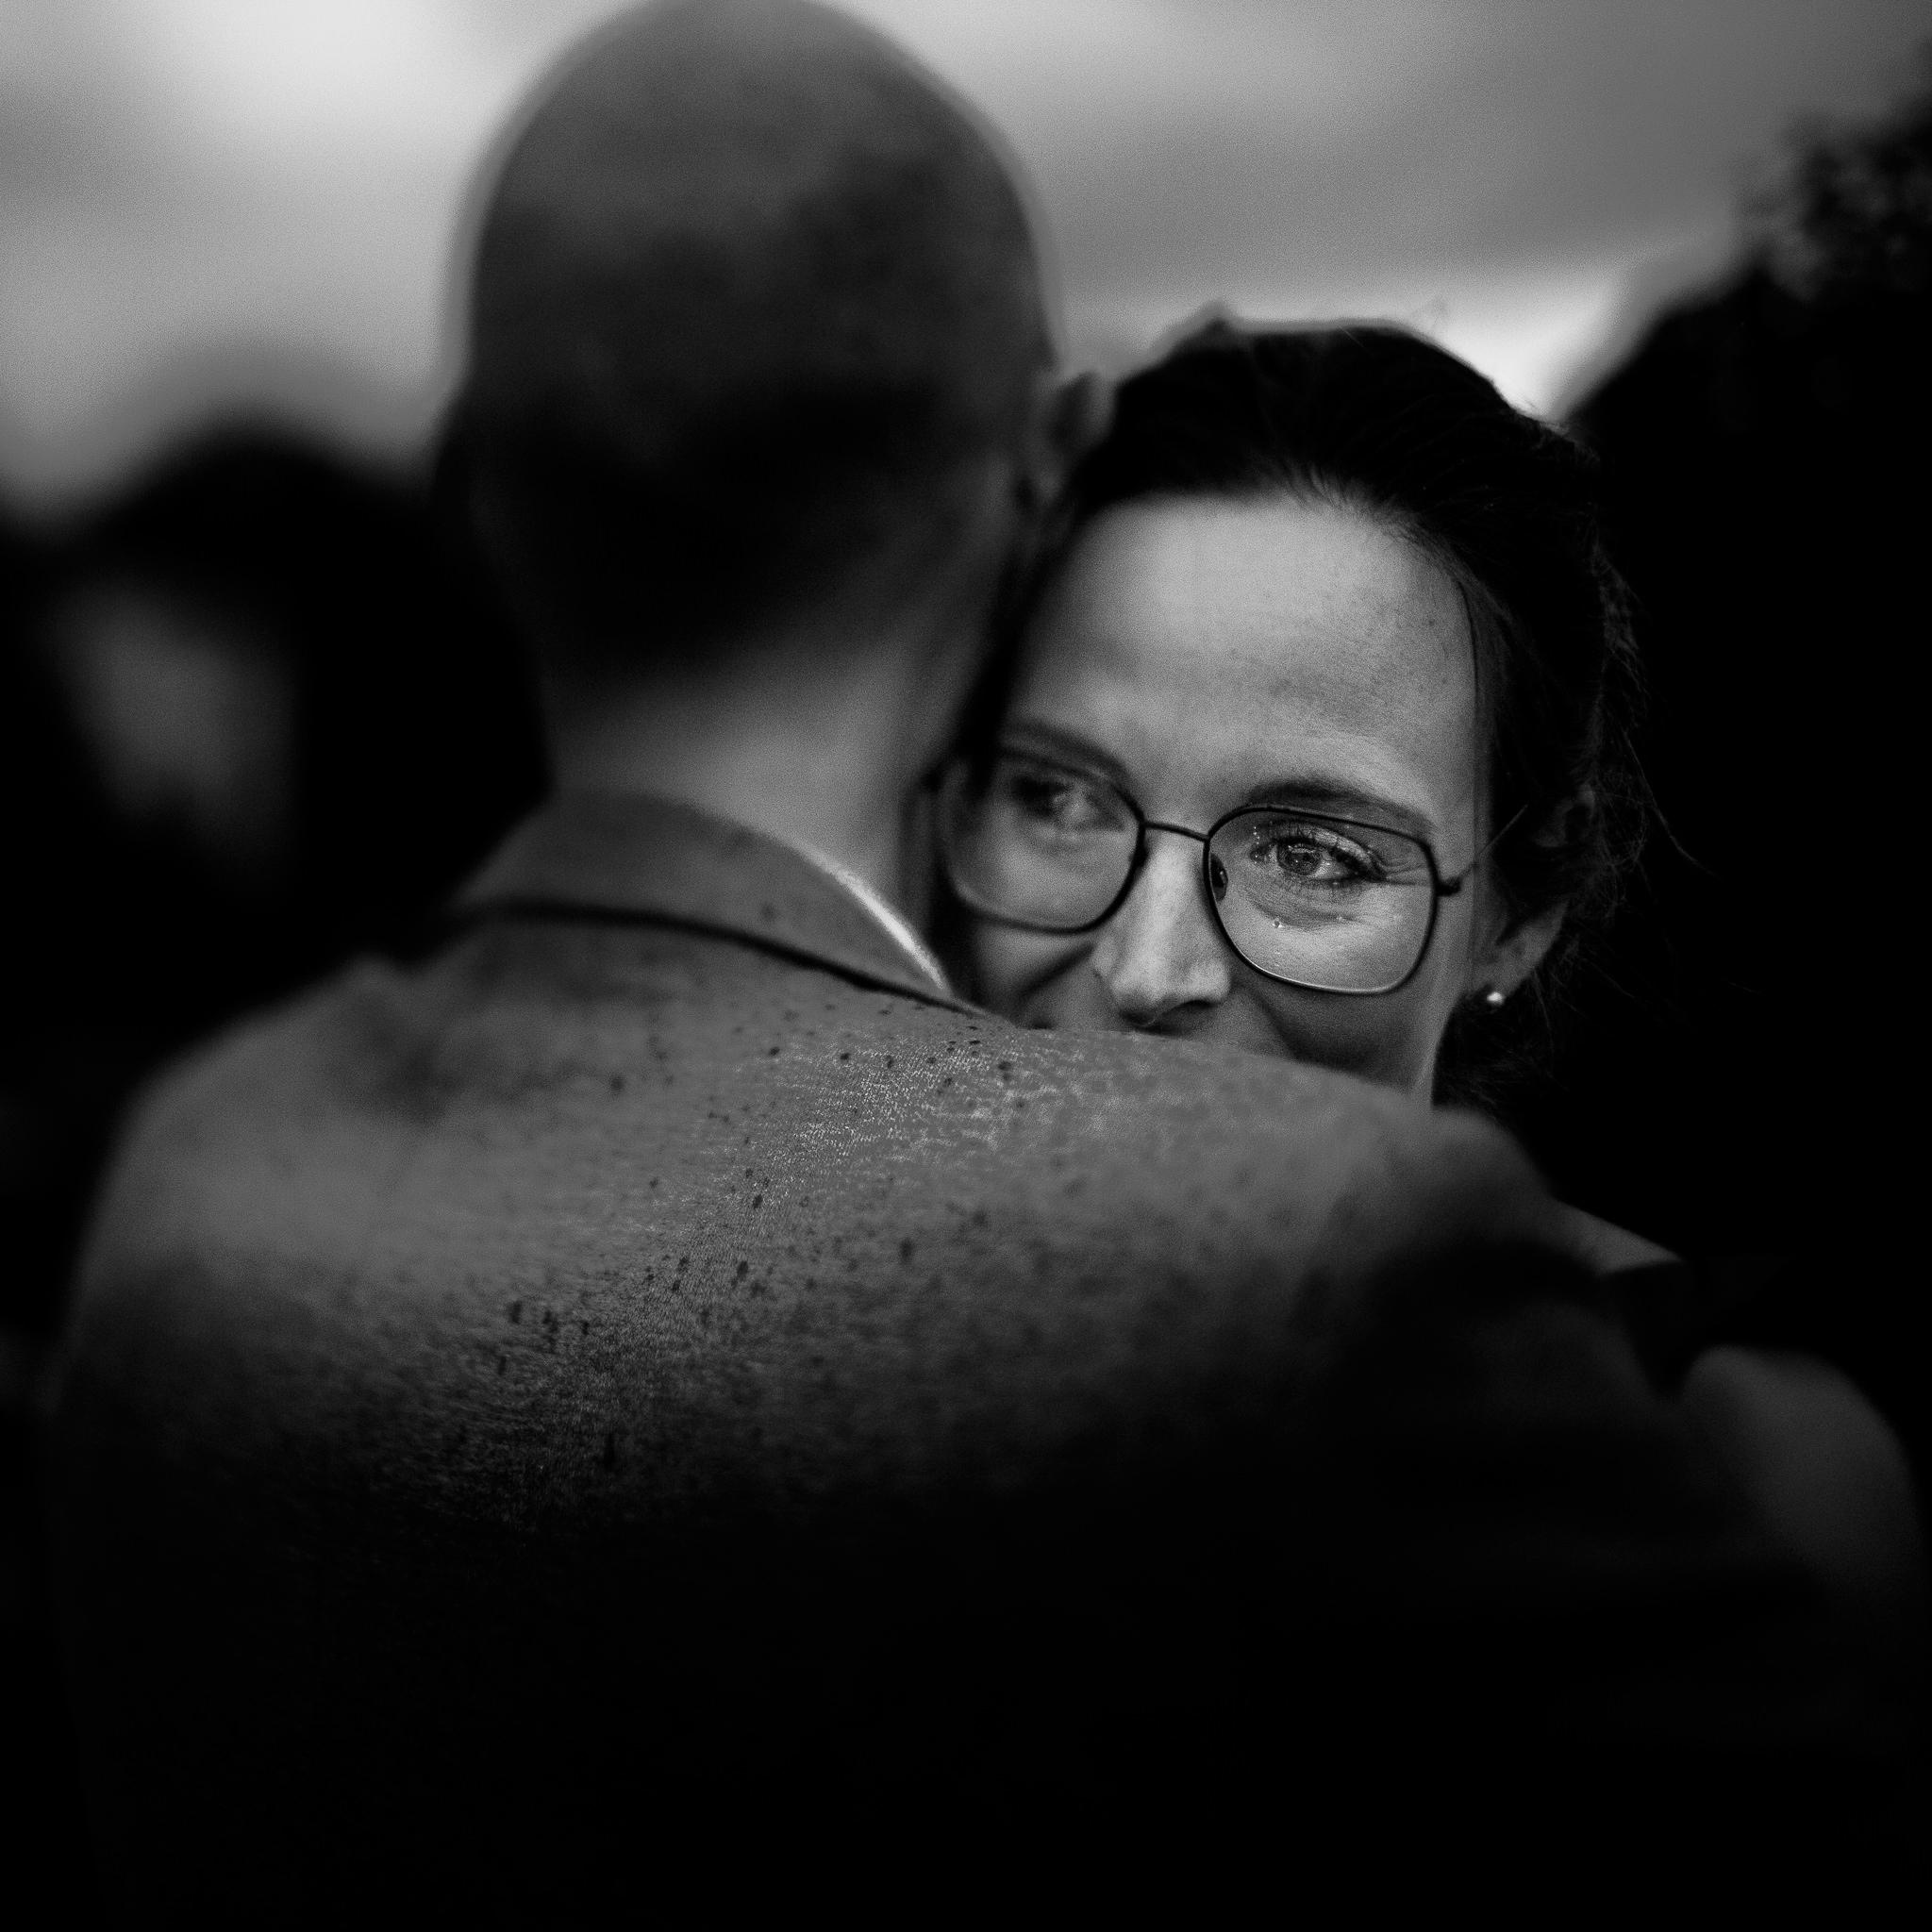 Pumphouse_Point_wedding_photography_elopement580.JPG